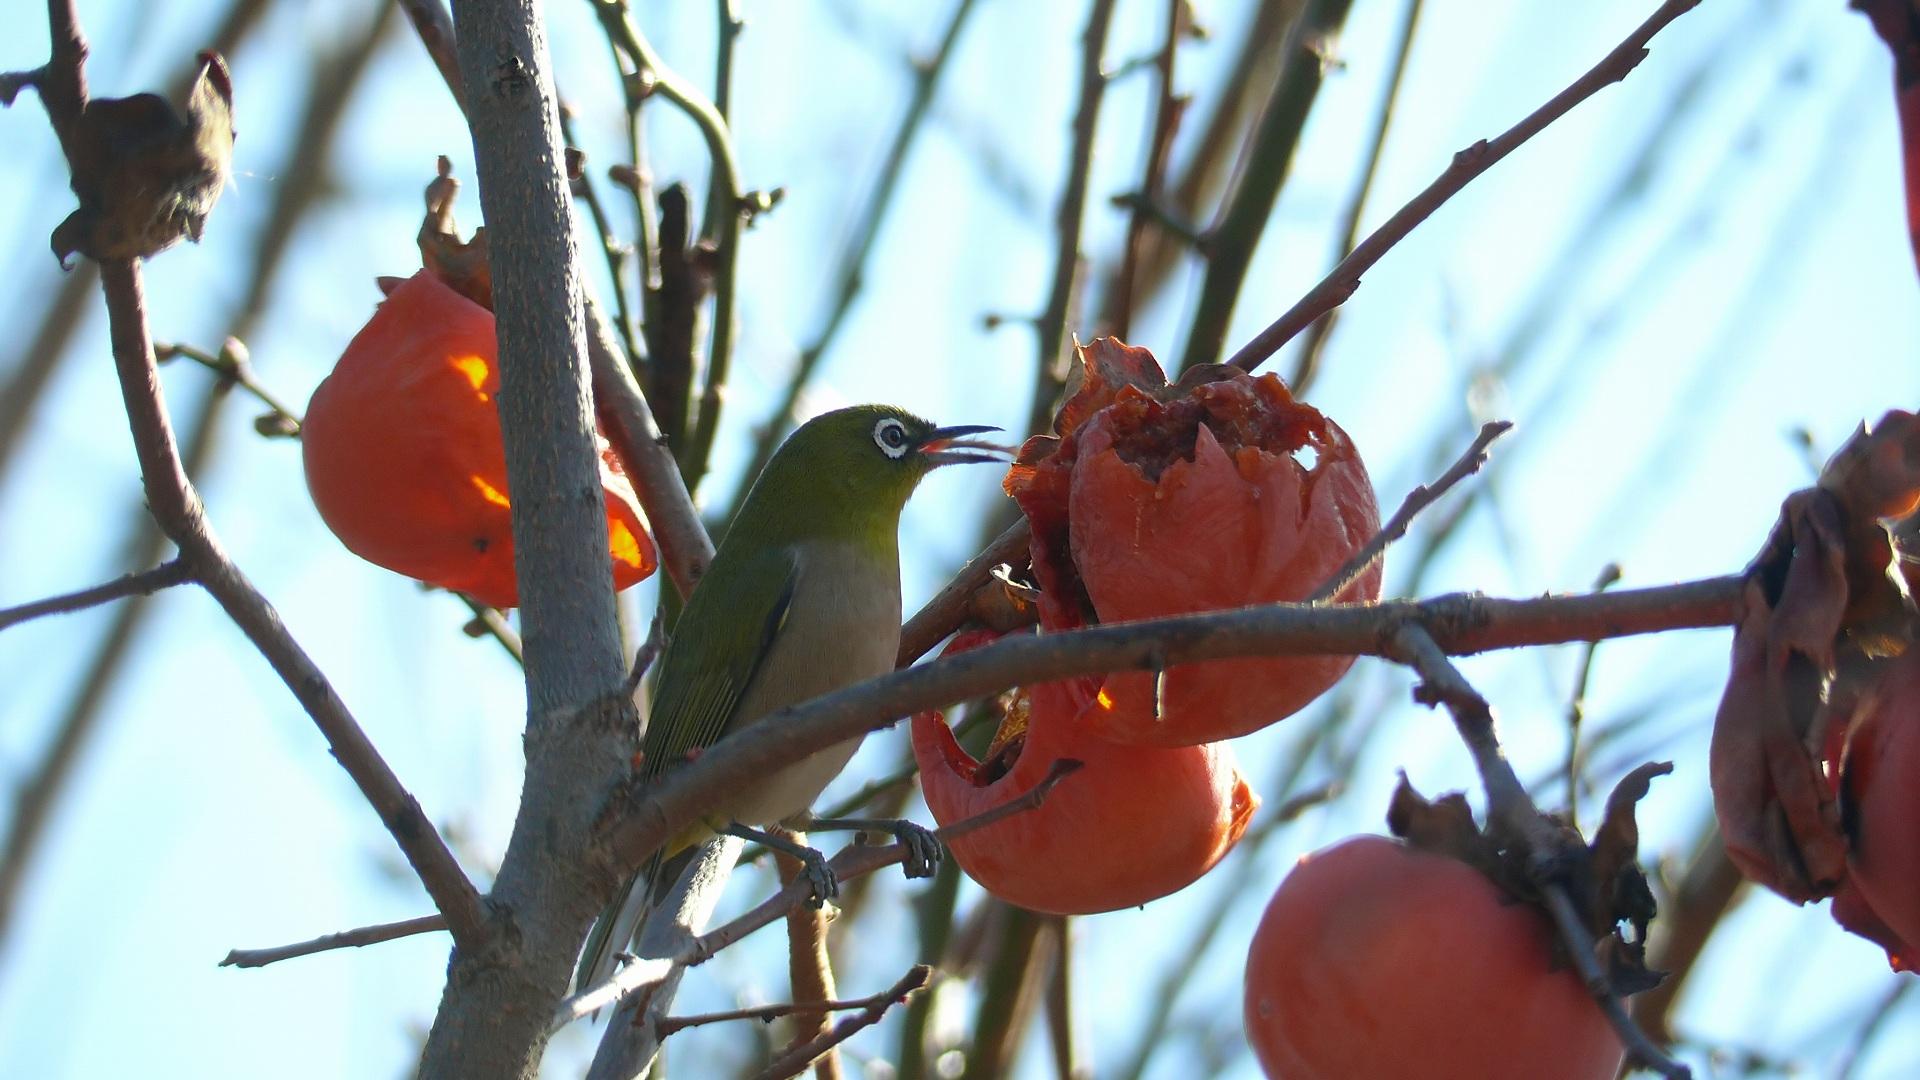 隣の客はよく柿食う客だ_a0185081_13502170.jpg